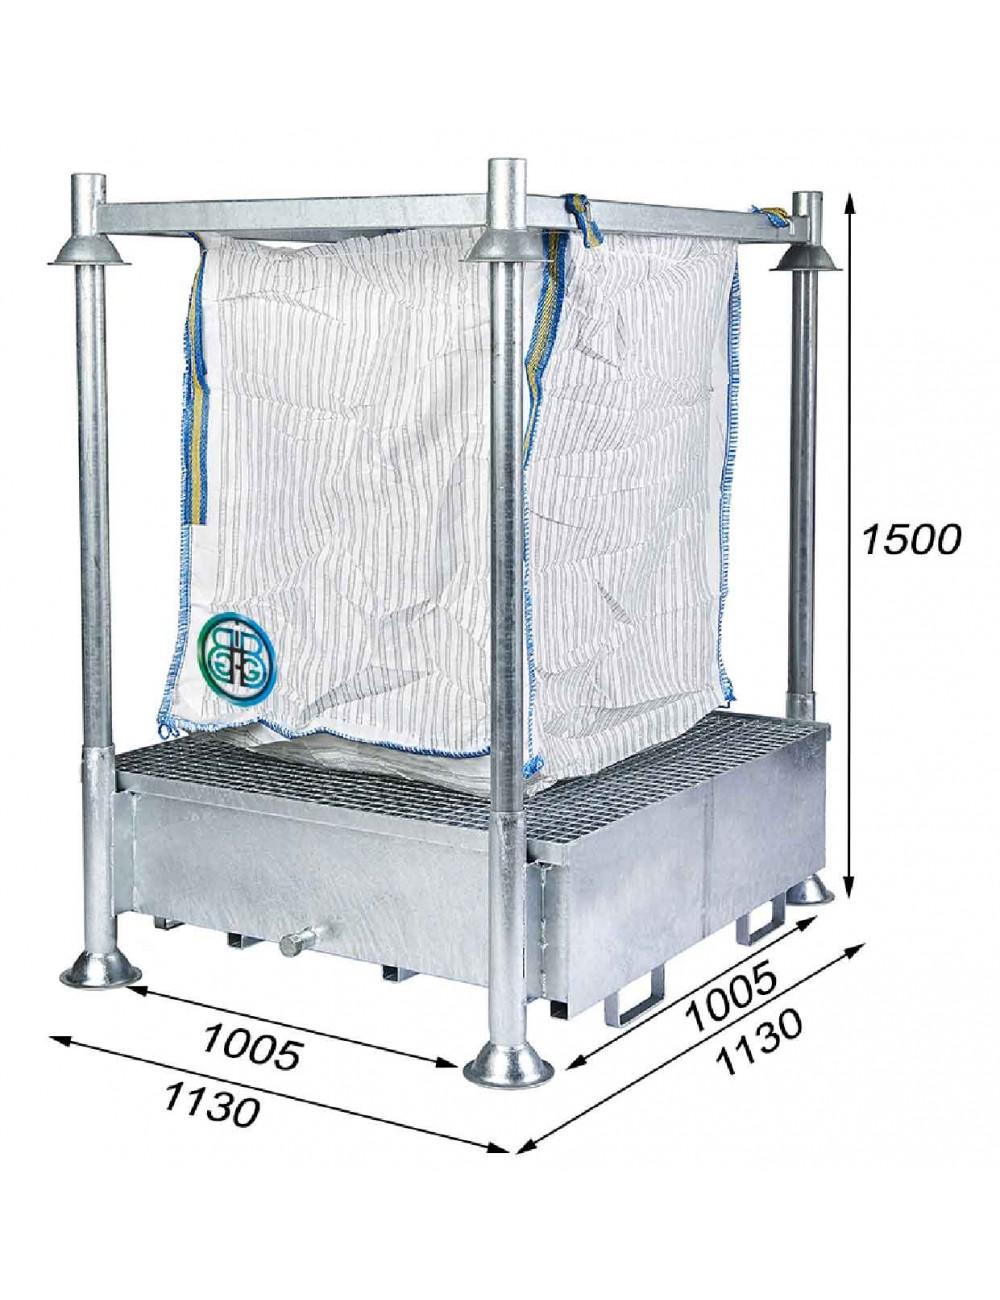 Cadre Support de Big Bag avec Bac collecteur de 440 litres